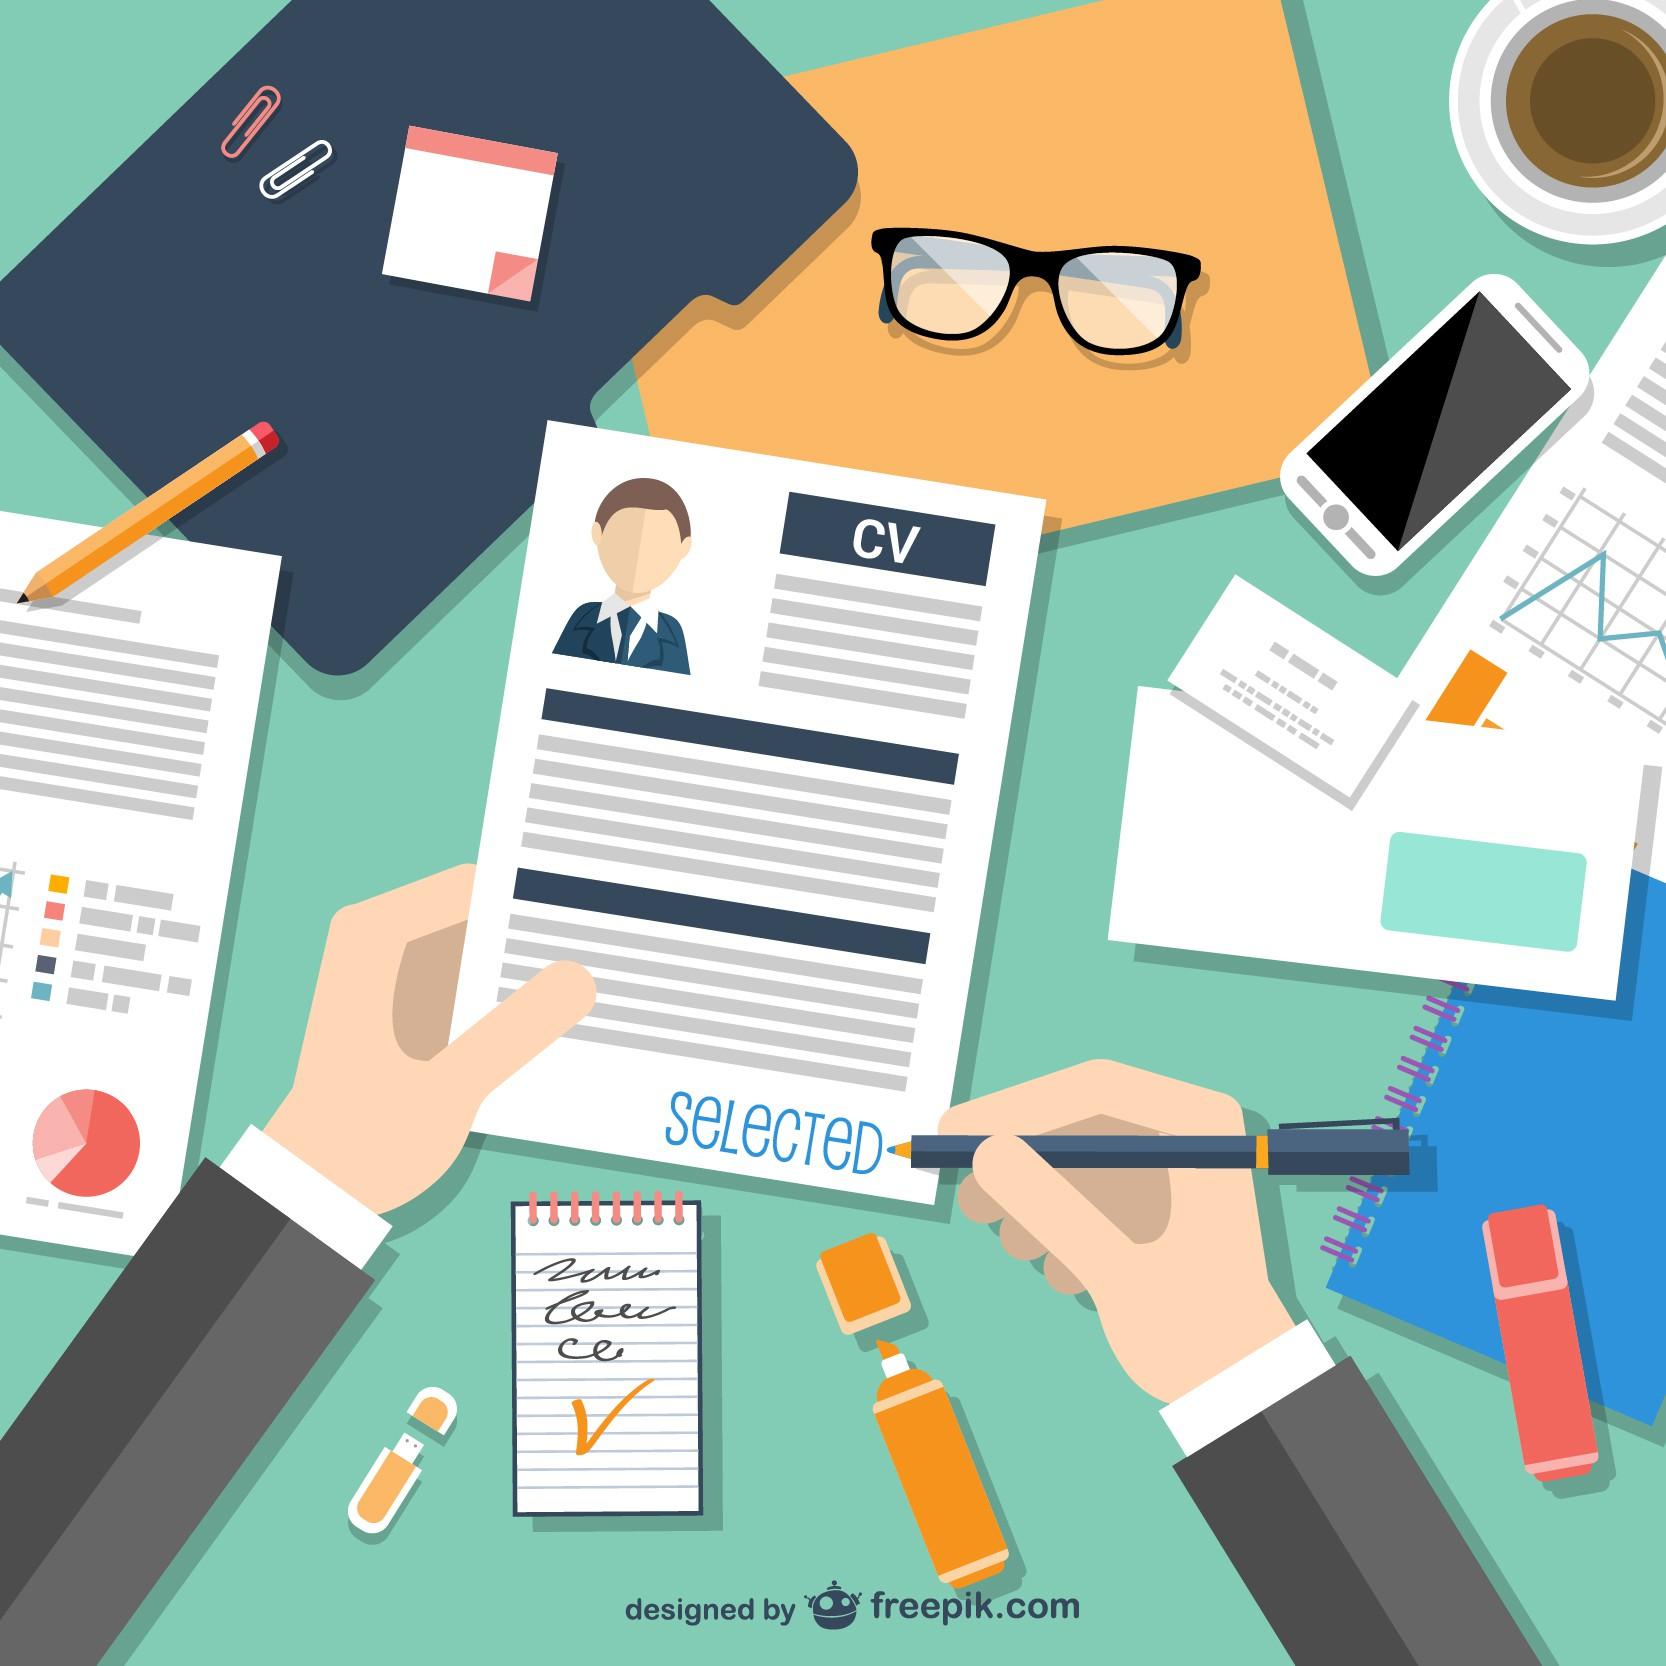 Jak napisać CV, które da Ci pracę? 9 rad [Prawdziwe przykłady]